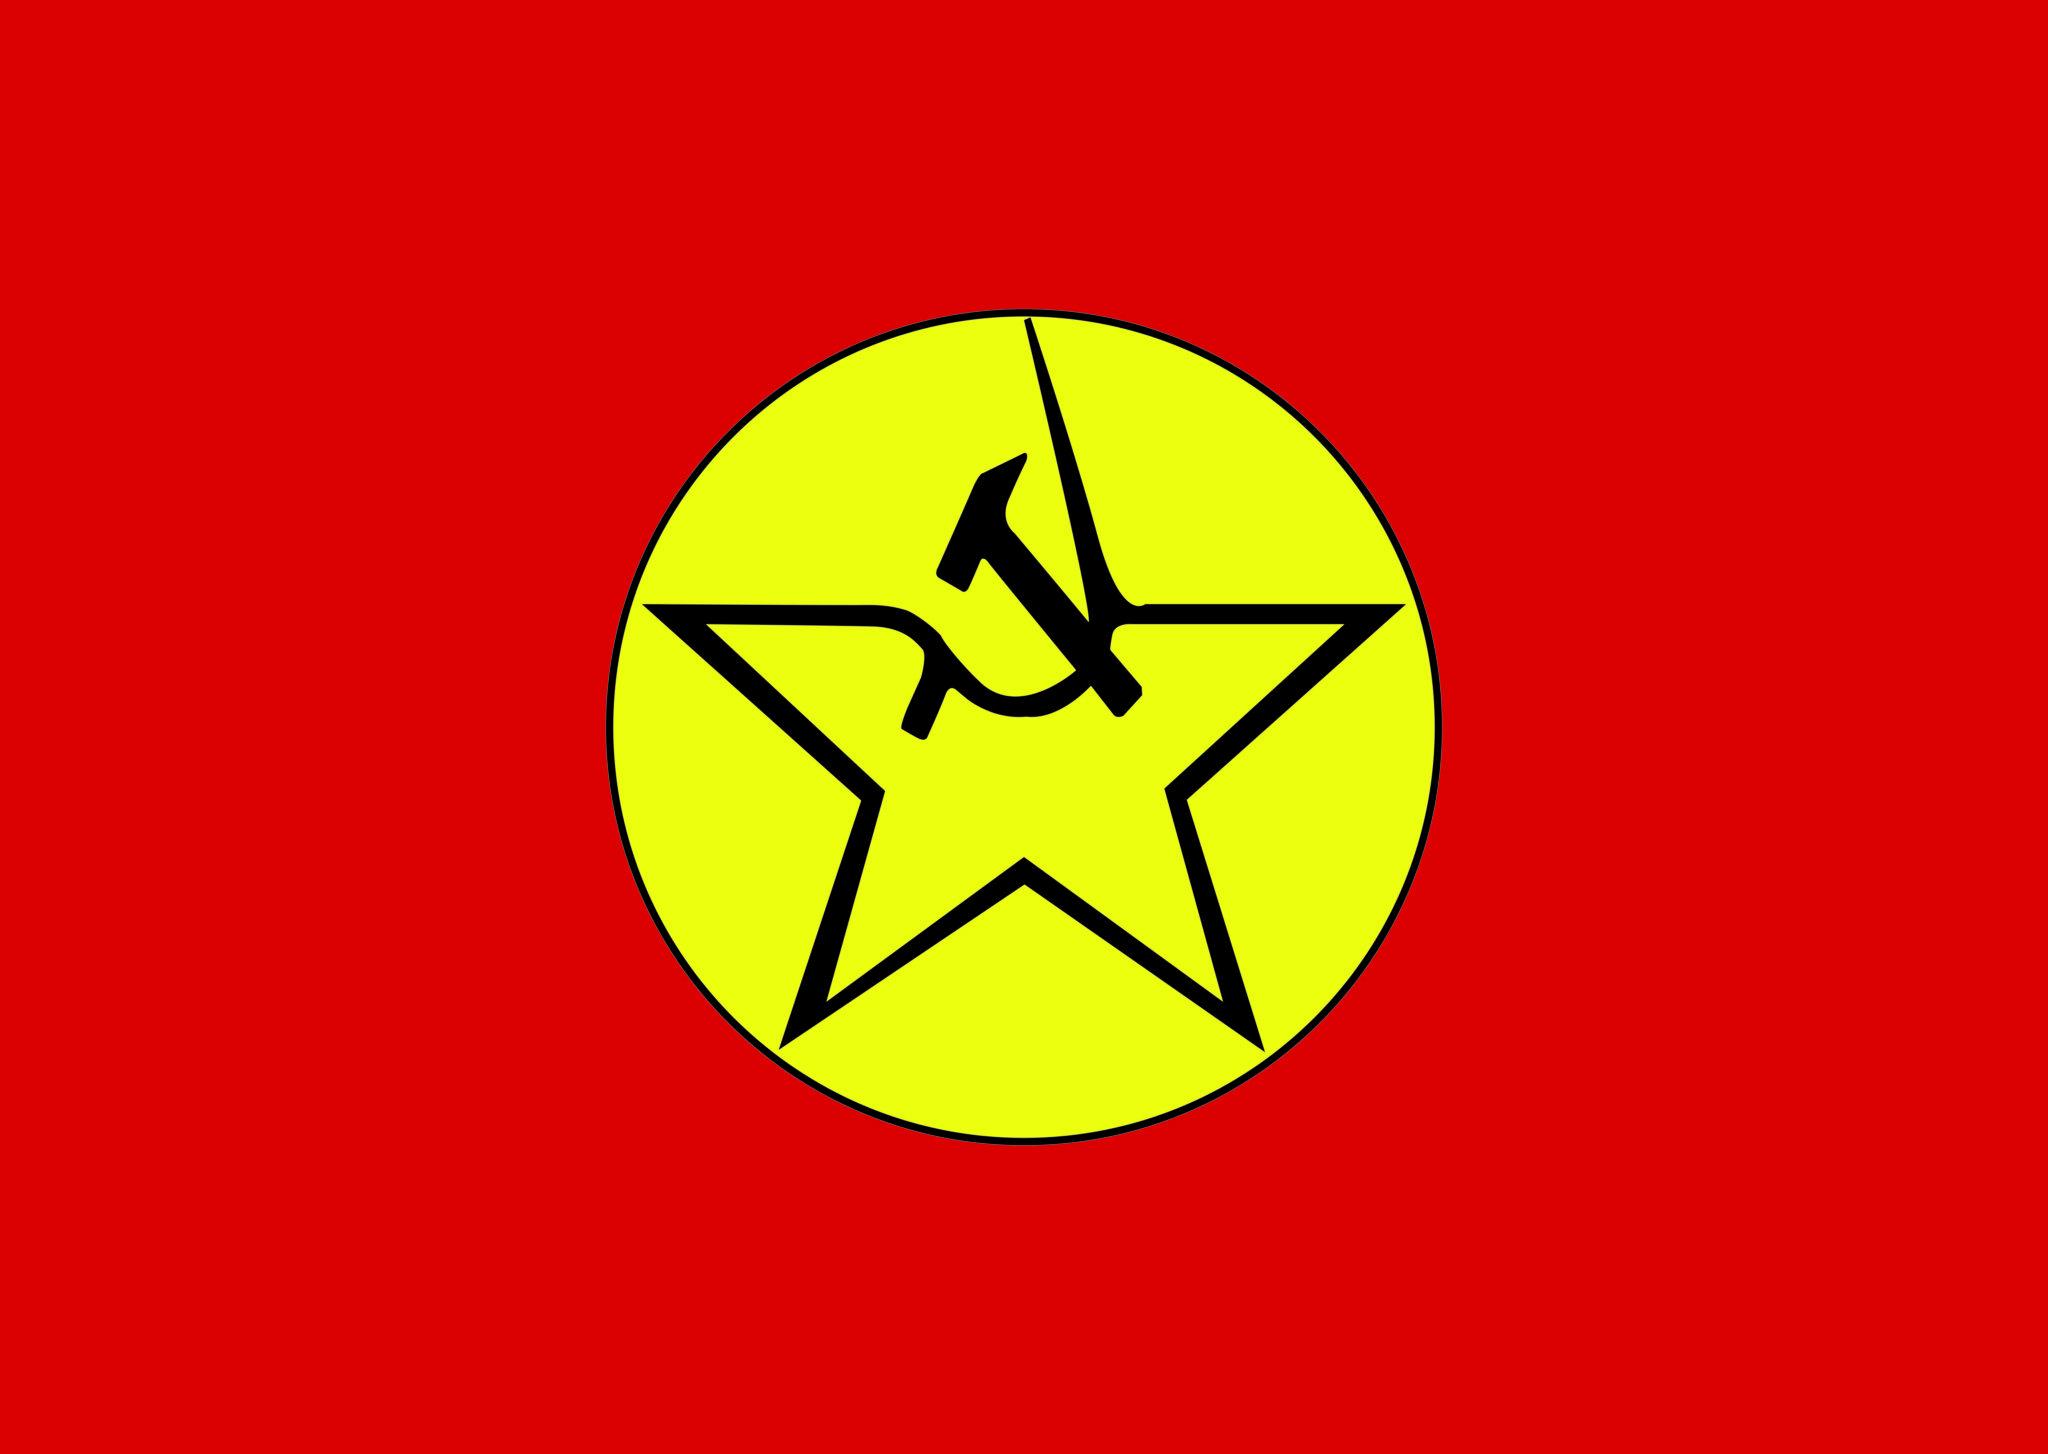 Μαρξιστική-Λενινιστική Ένοπλη Προπαγανδιστική Ένωση (5)